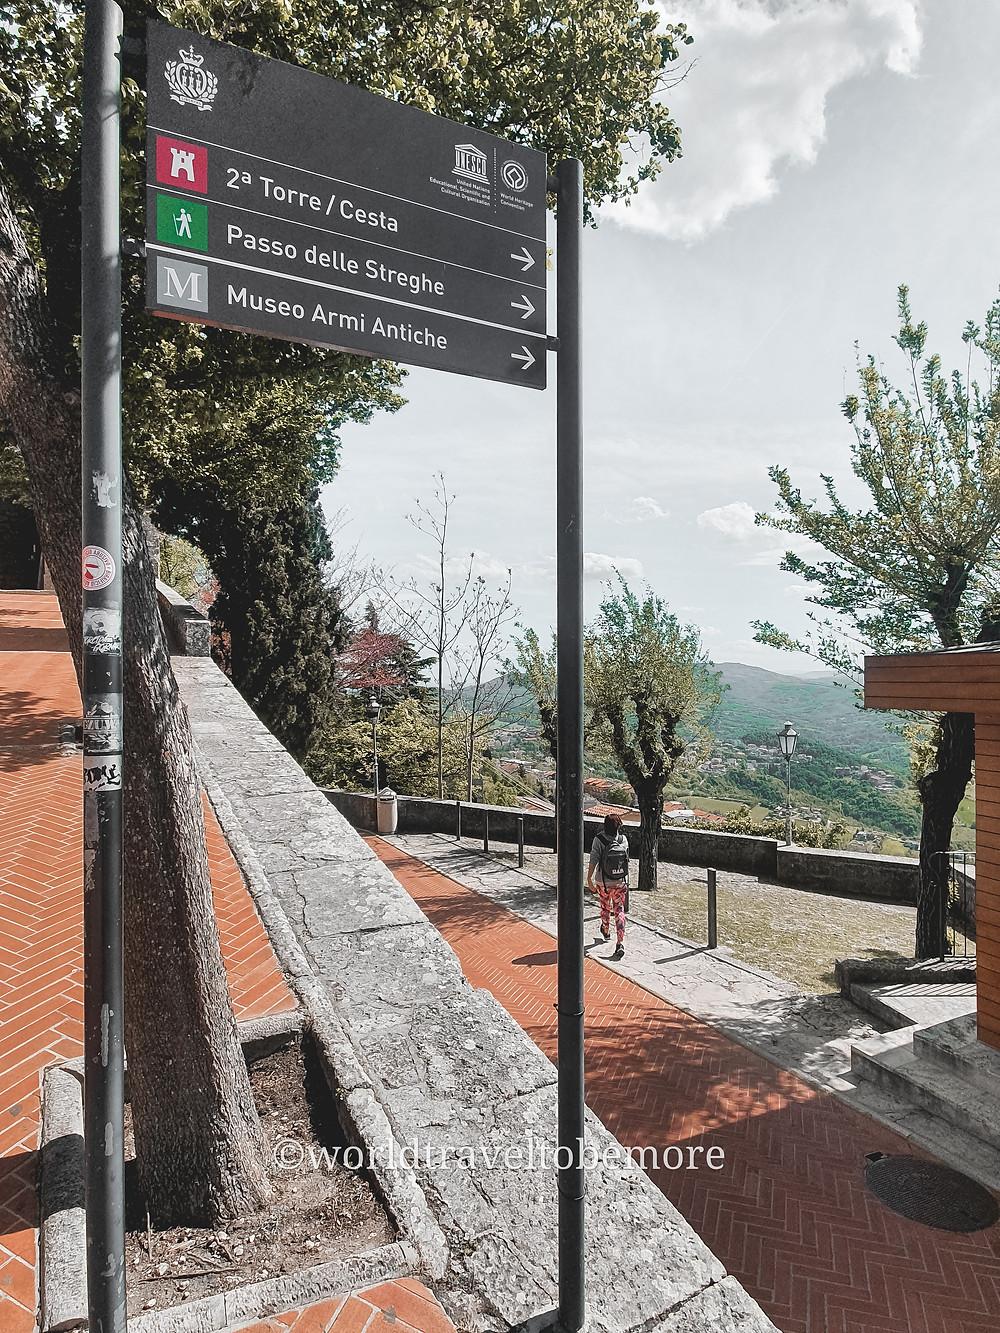 La leggenda del passo delle streghe a San Marino